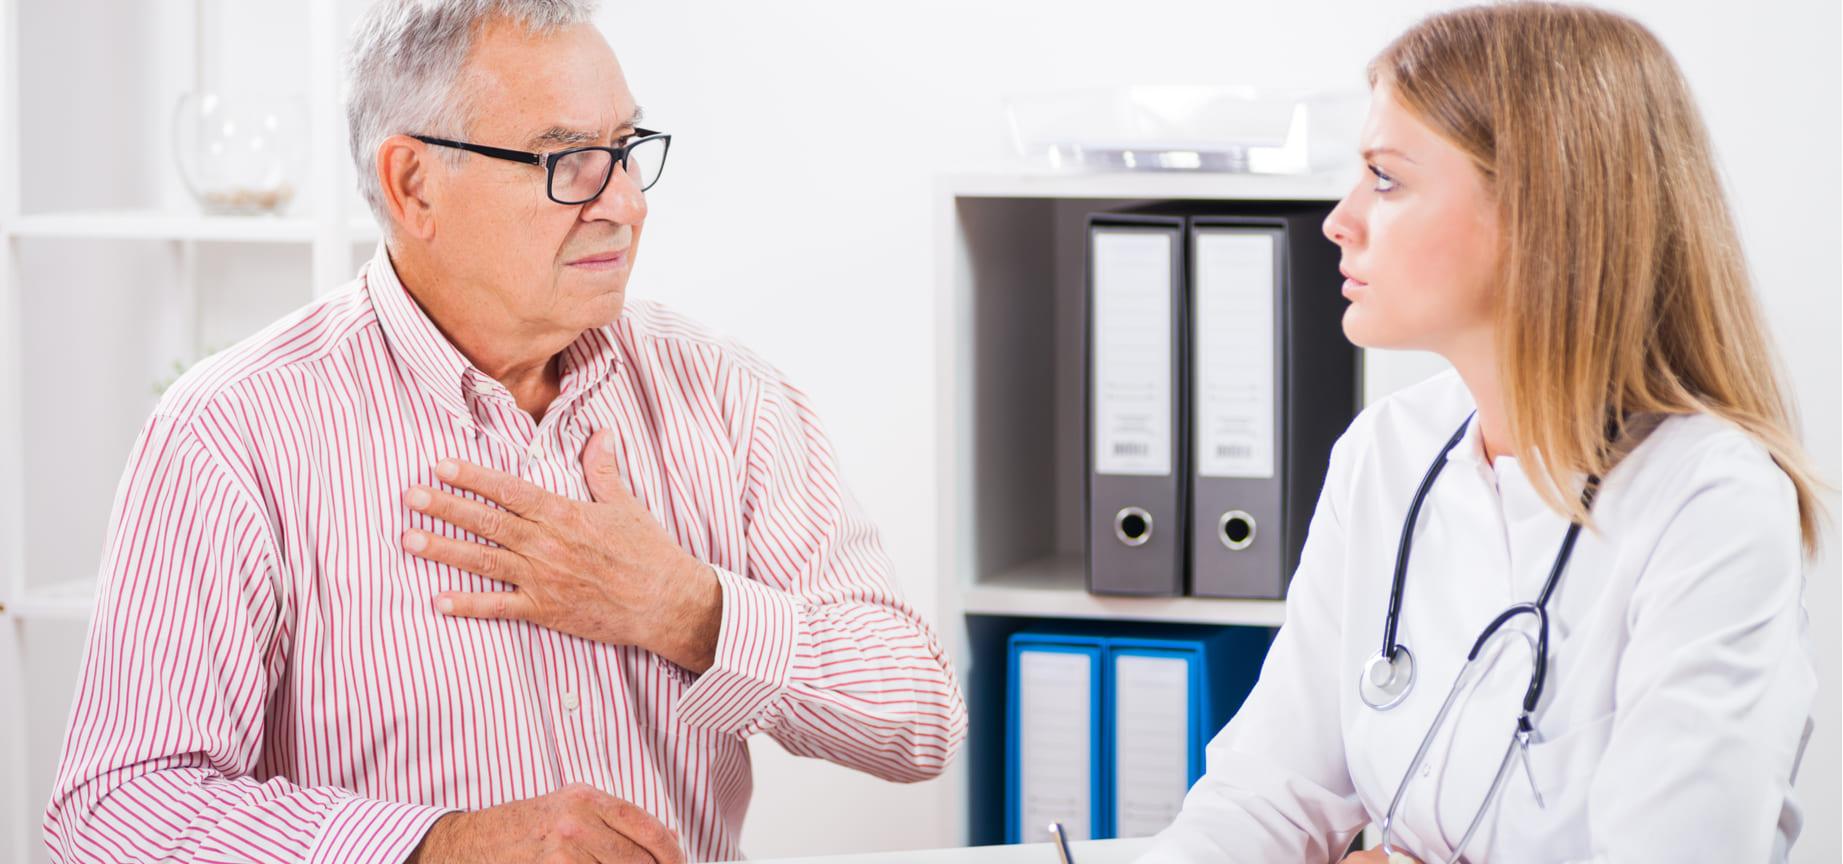 Puerto Rico supera a Estados Unidos en prevalencia de enfermedad coronaria con un 7,5%